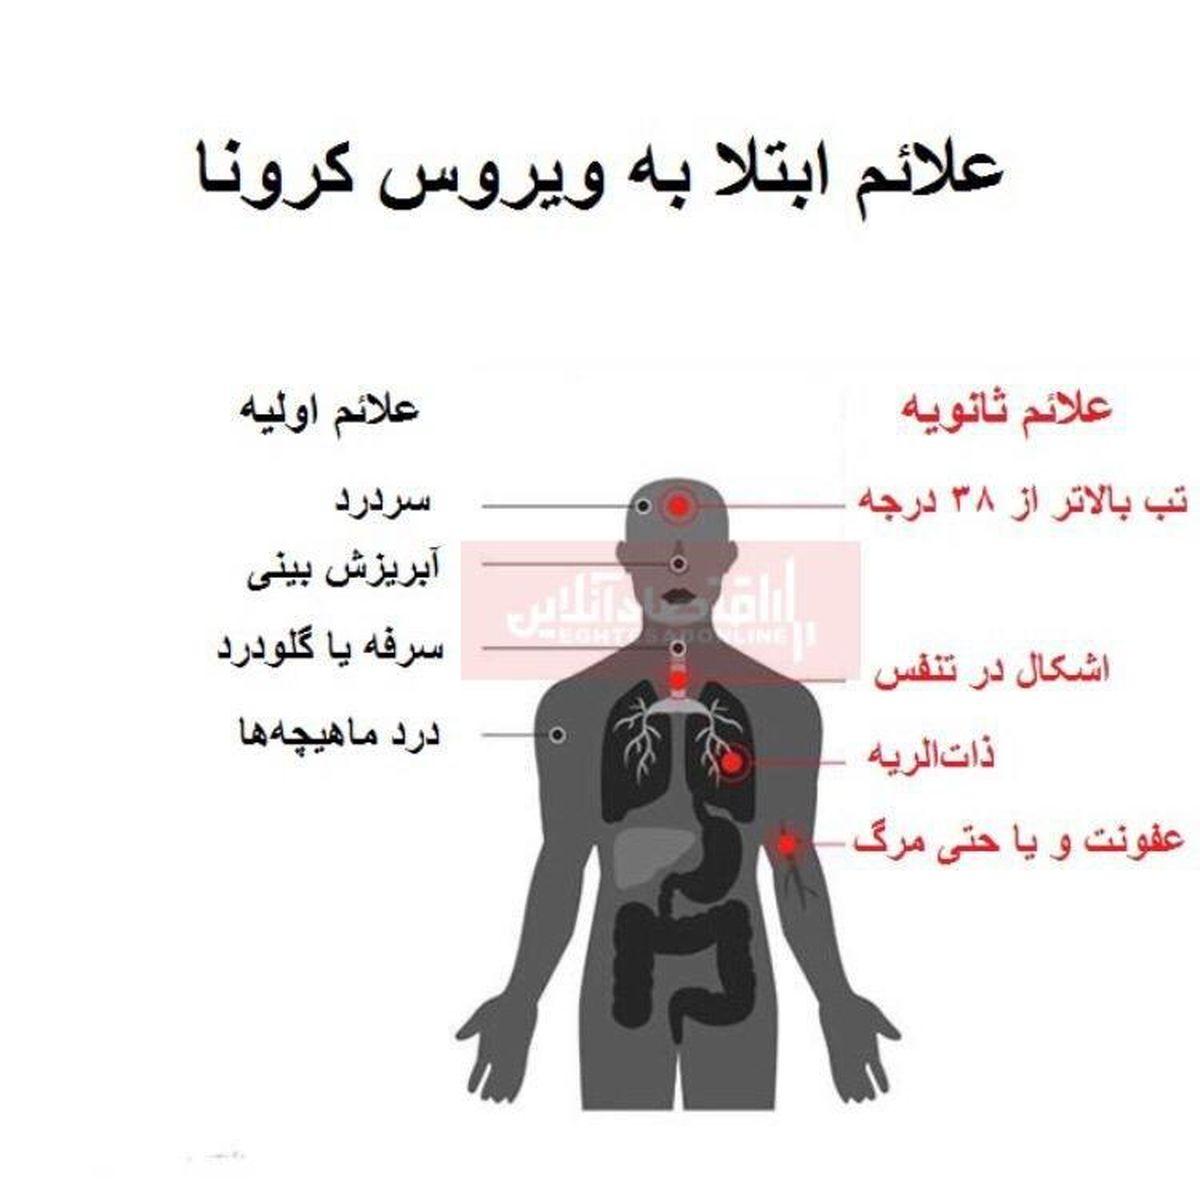 علائم اولیه و ثانویه ابتلا به ویروس کرونا چیست؟